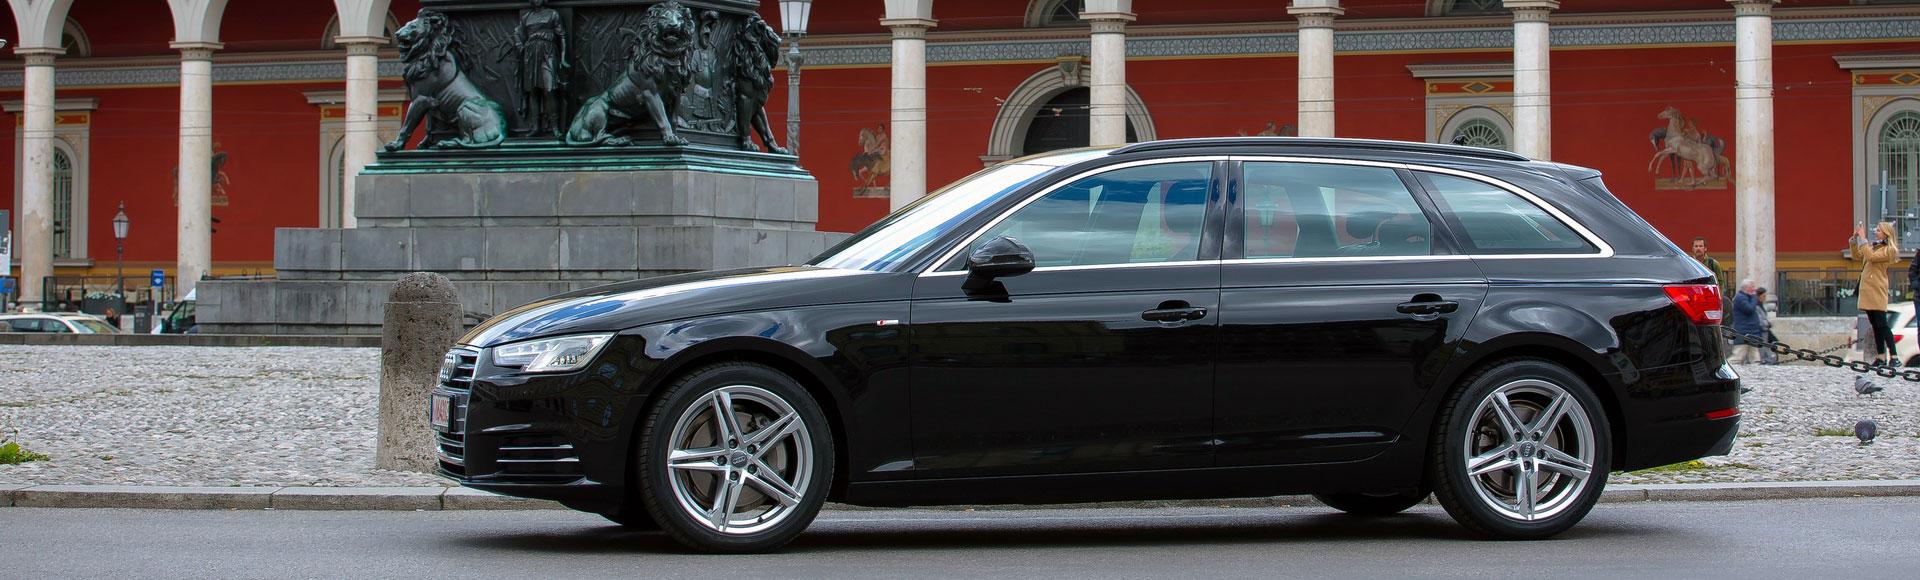 Audi A4 Avant 2016 322